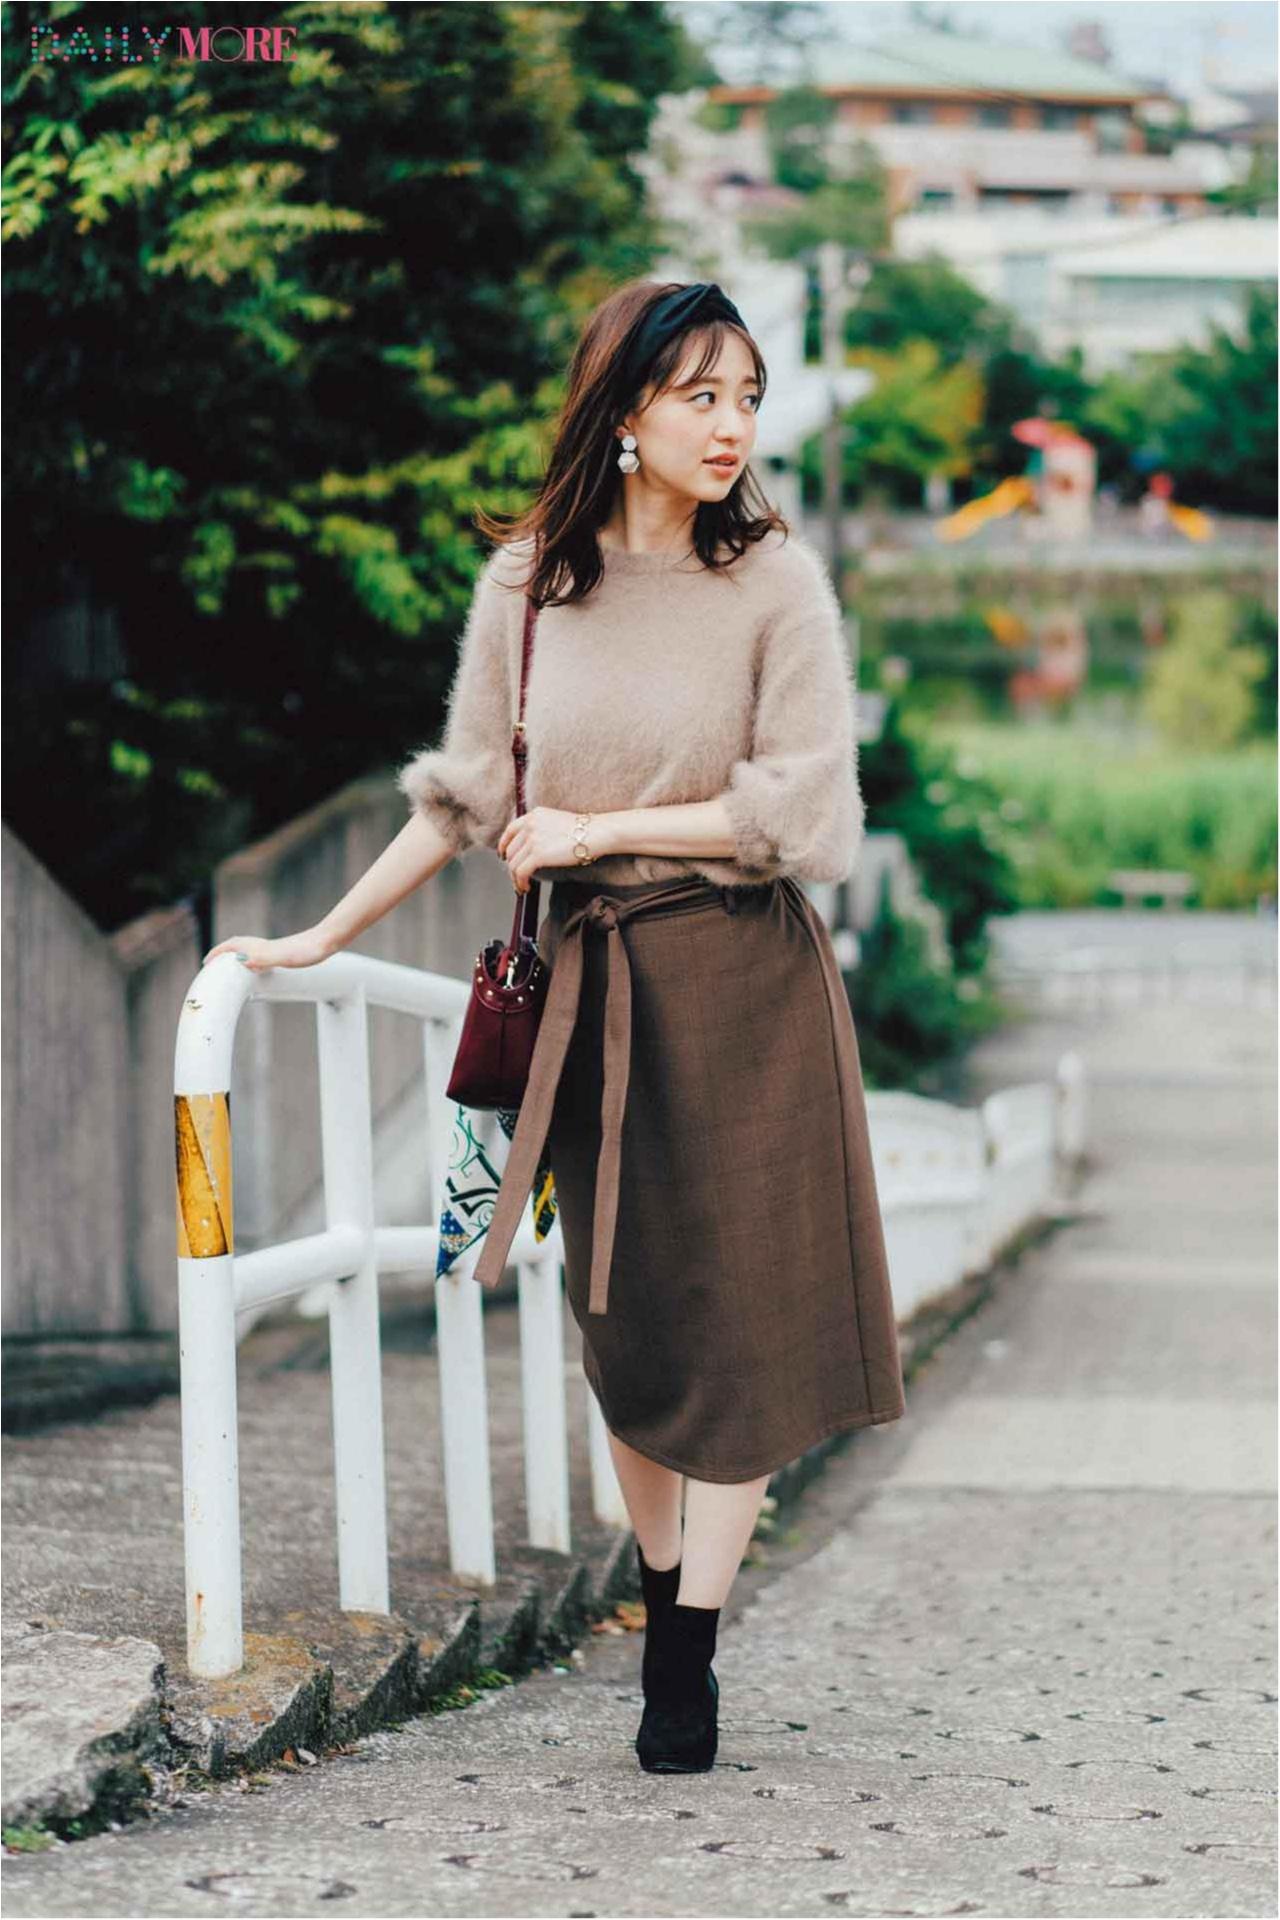 【今日のコーデ/逢沢りな】茶系ワントーンが素敵。ふわふわニット×タイトスカートの相思相愛コーデ♡_1